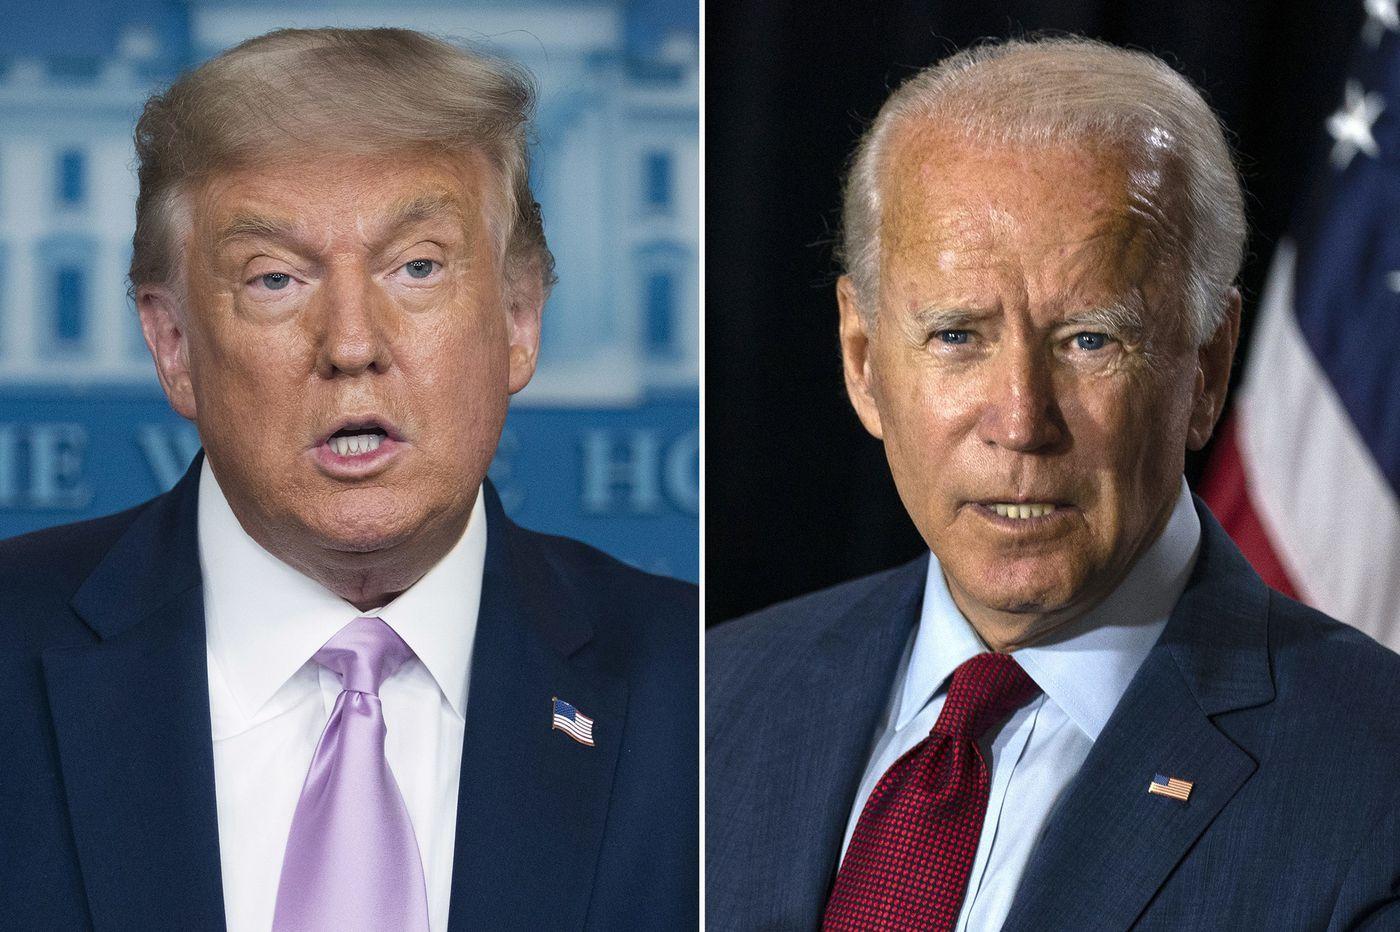 Biden outspent Trump $10 million to zero on TV in Pennsylvania last month